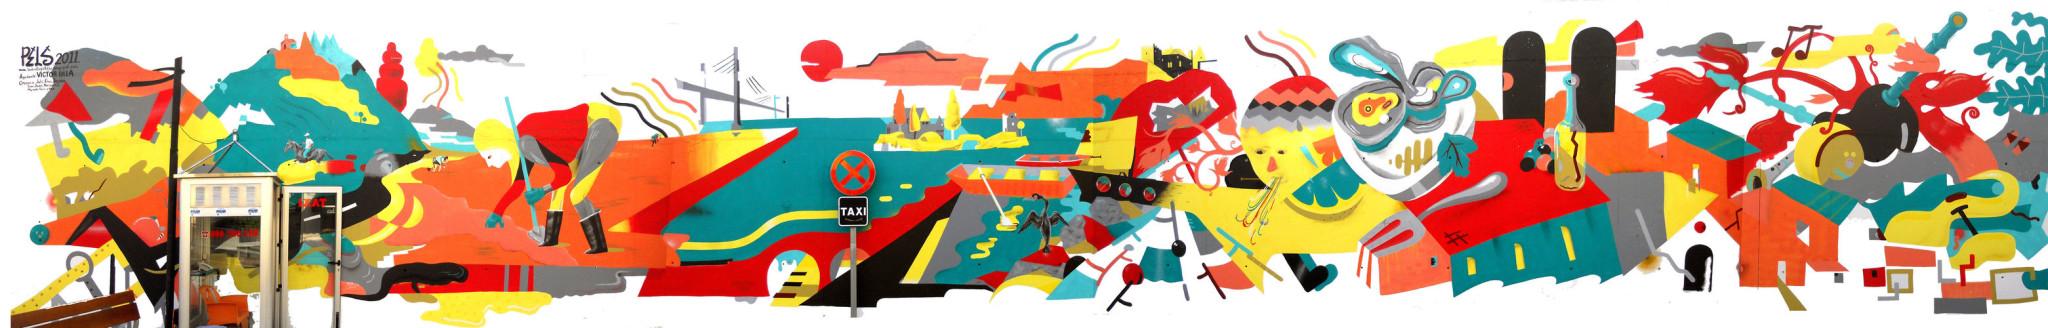 Œuvre Par Pelucas à A Estrada (Coloré, Illustration)